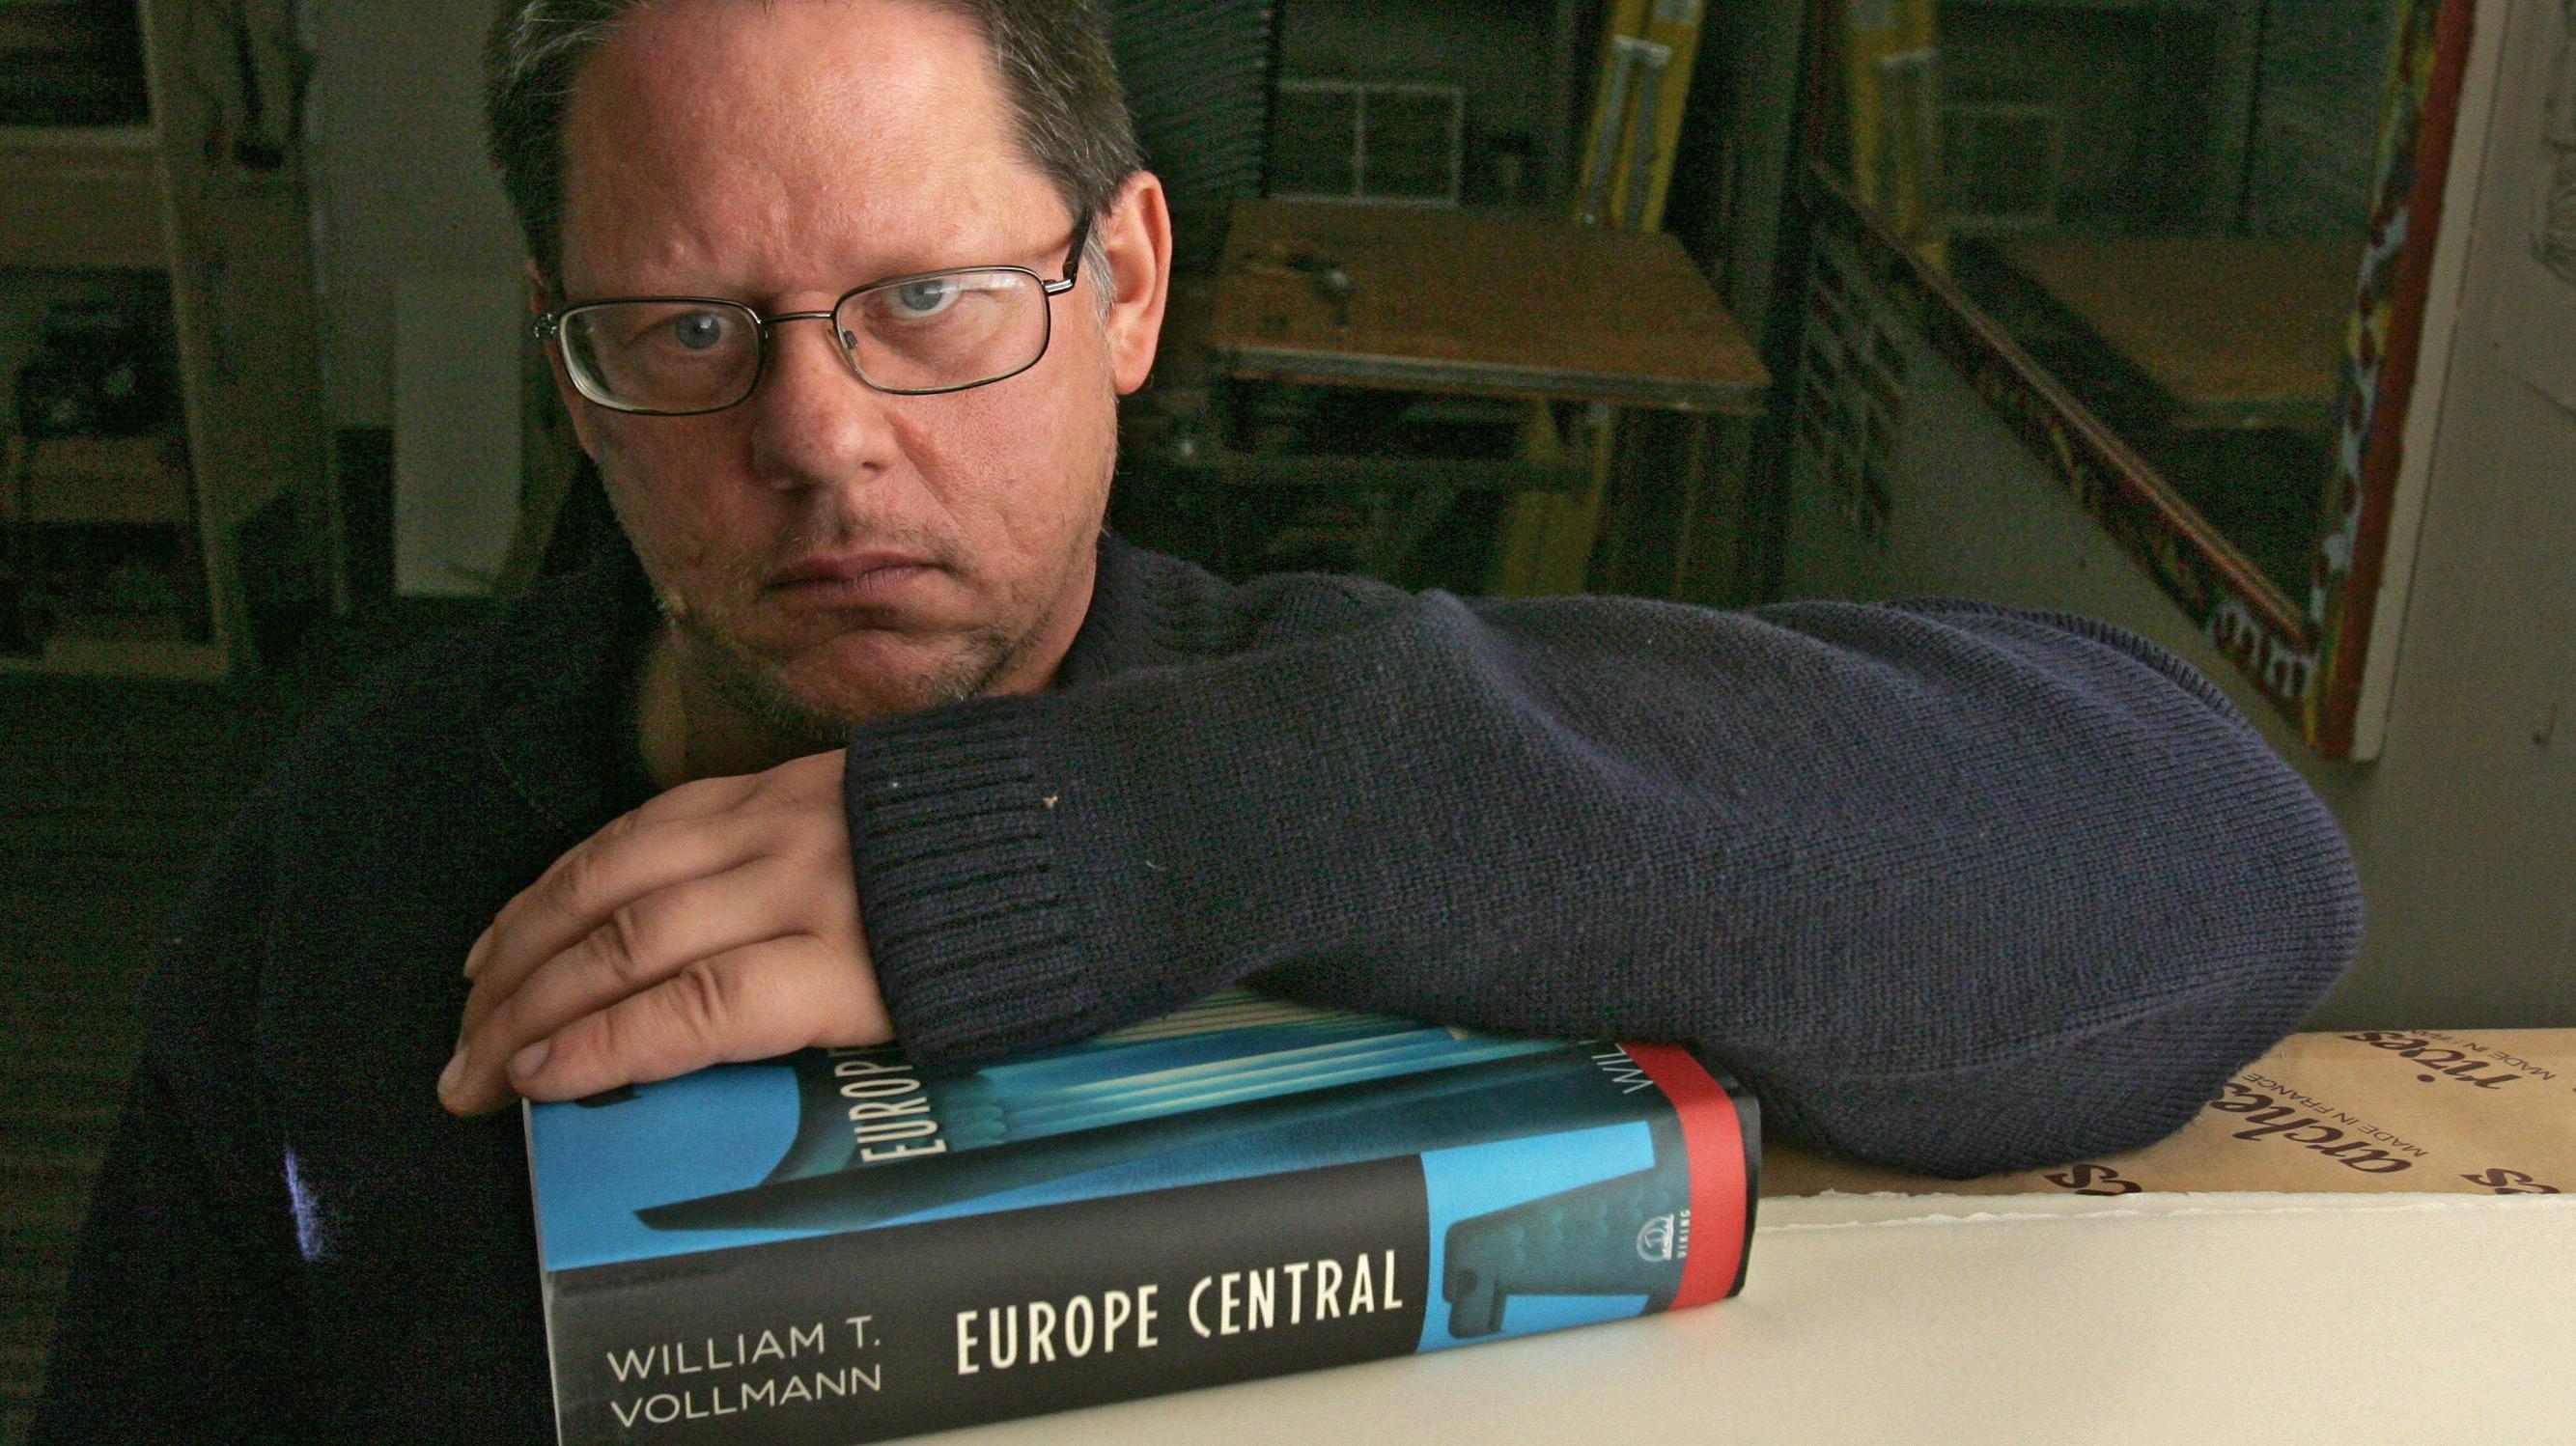 Resultado de imagen para william t vollmann